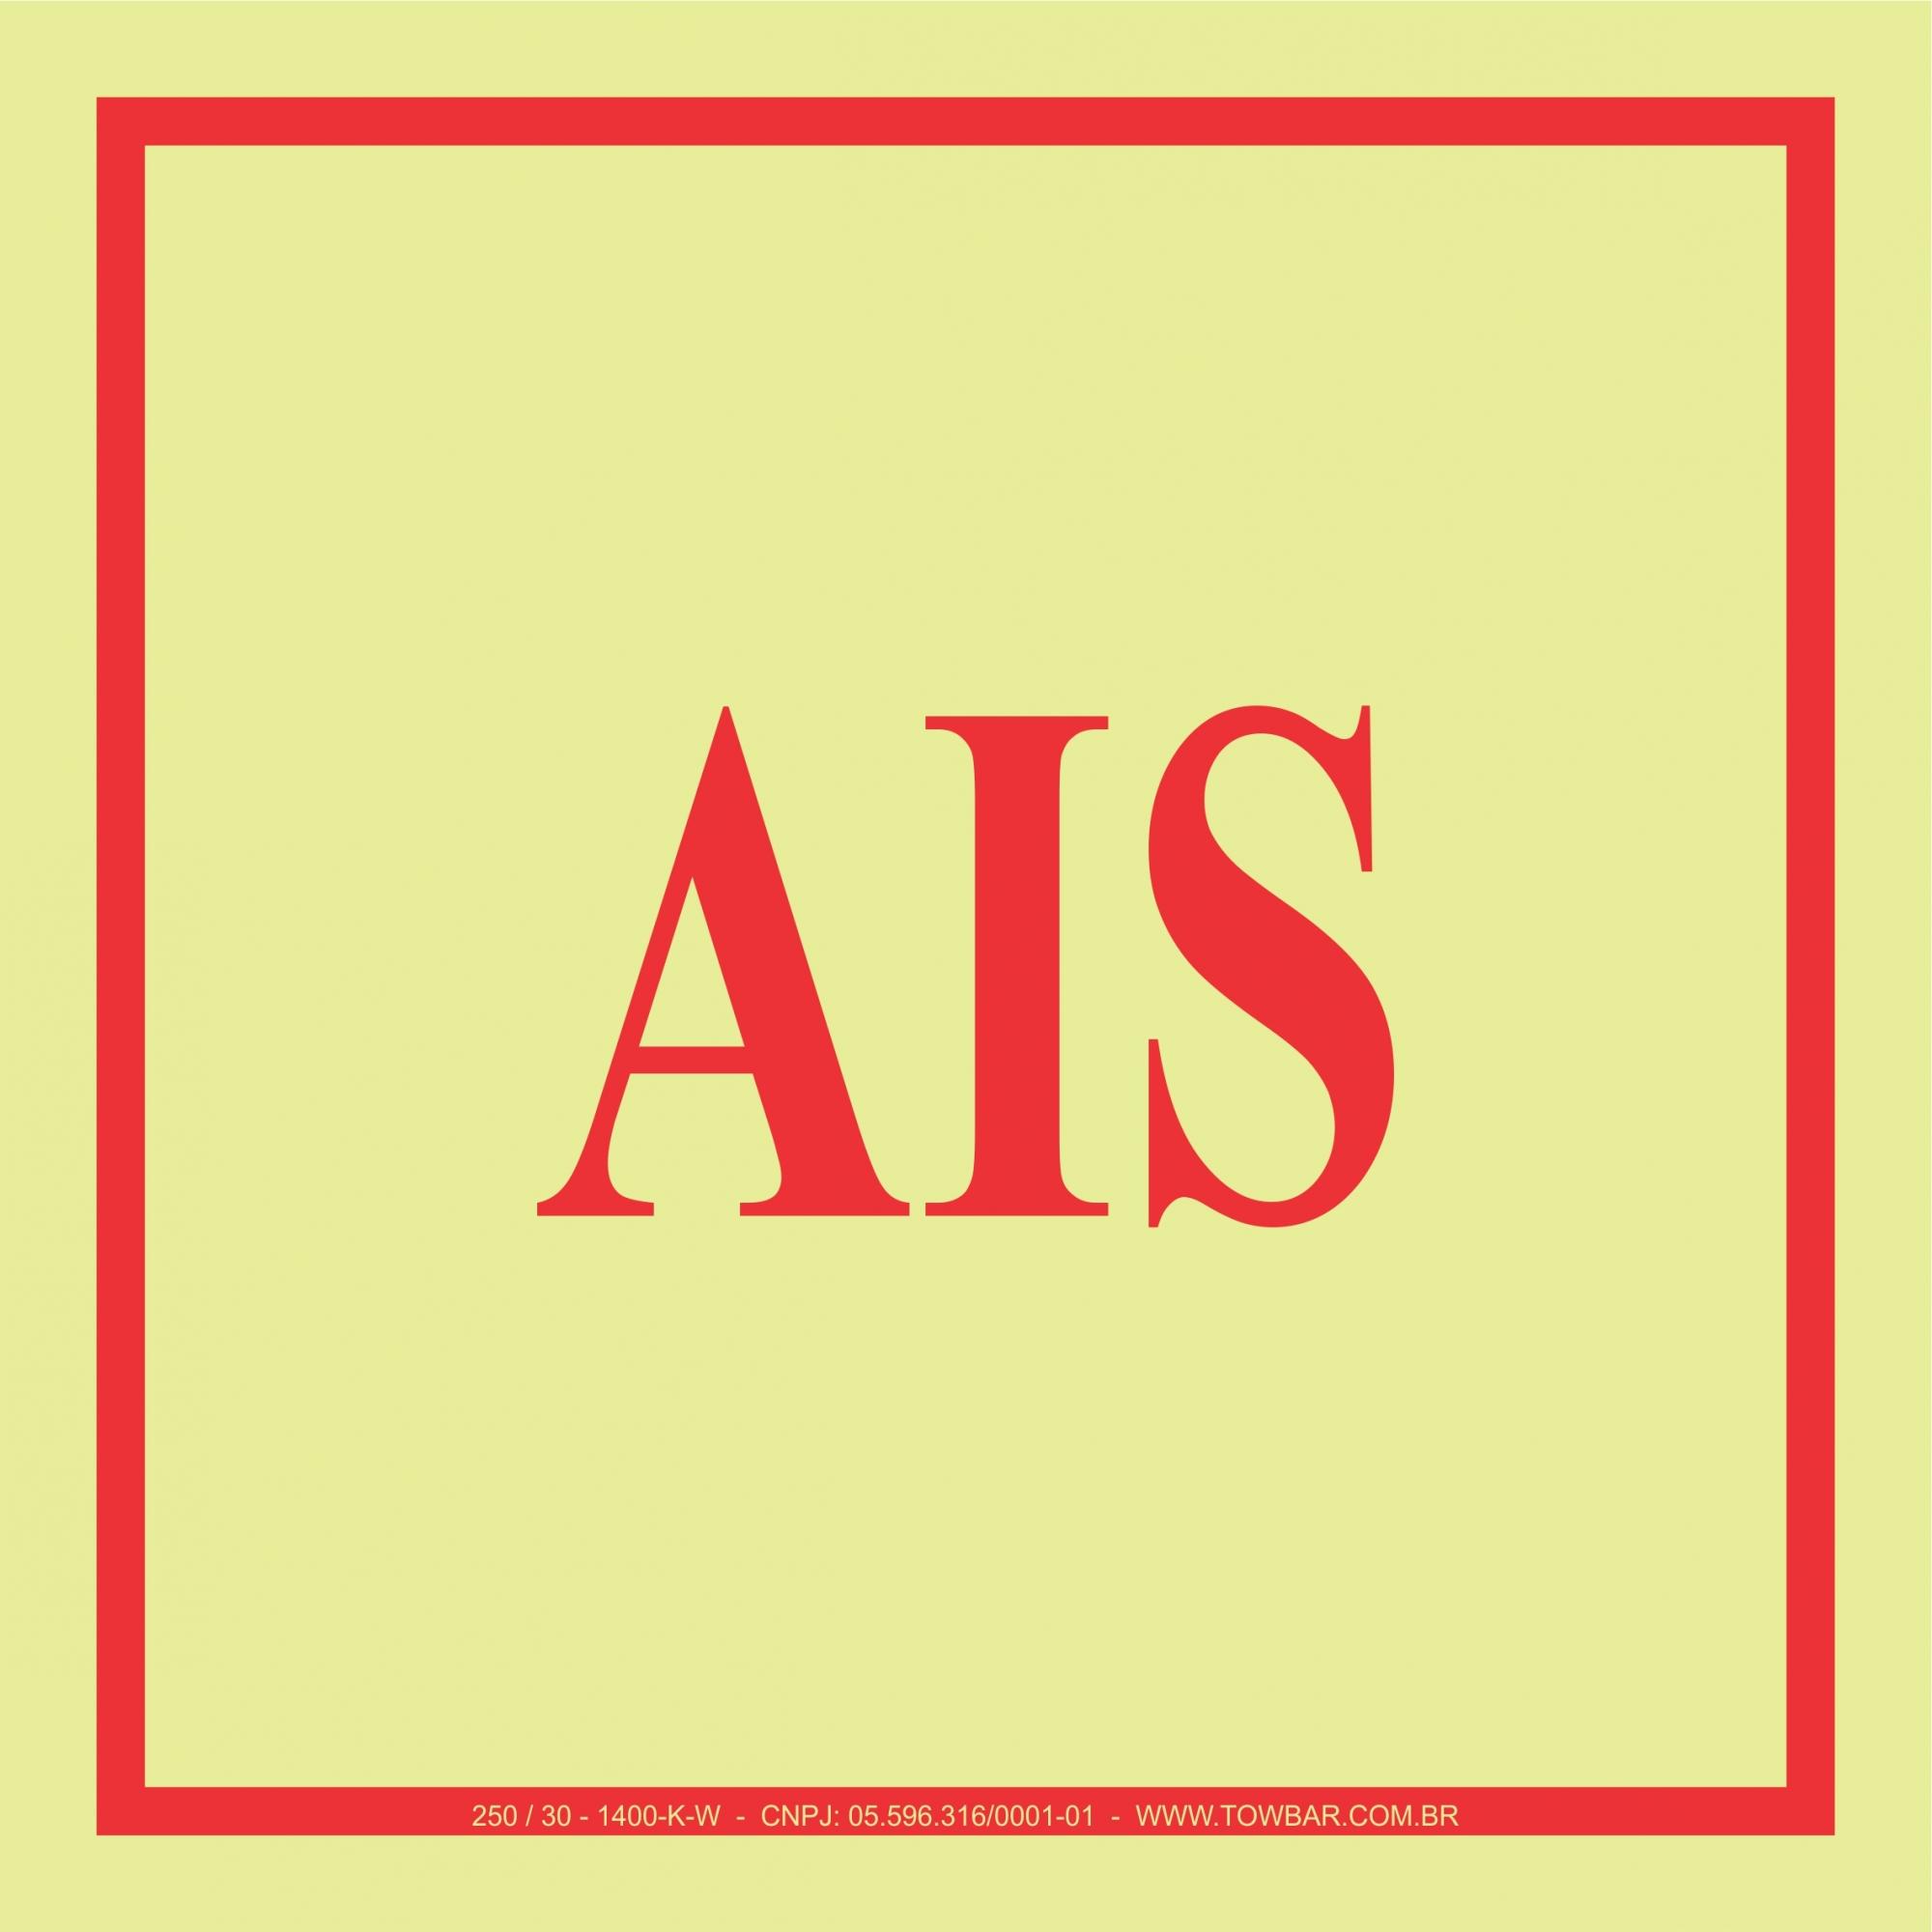 AIS  - Towbar Sinalização de Segurança